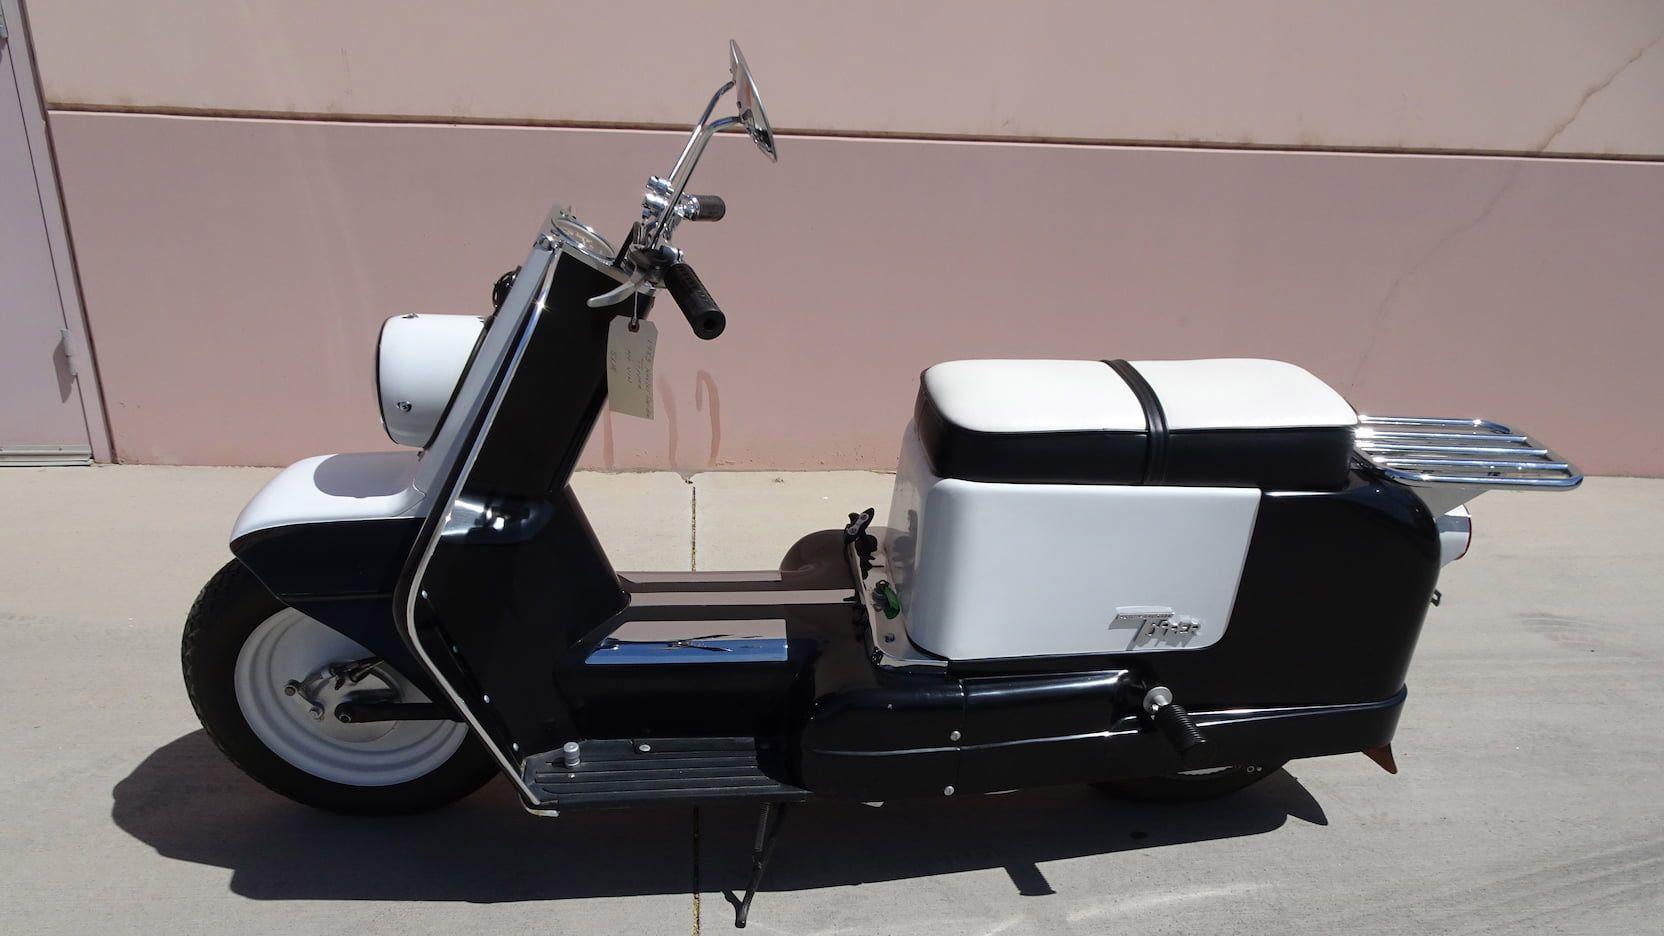 Zanimljivost dana: Kada je Harley-Davidson proizvodio skuter